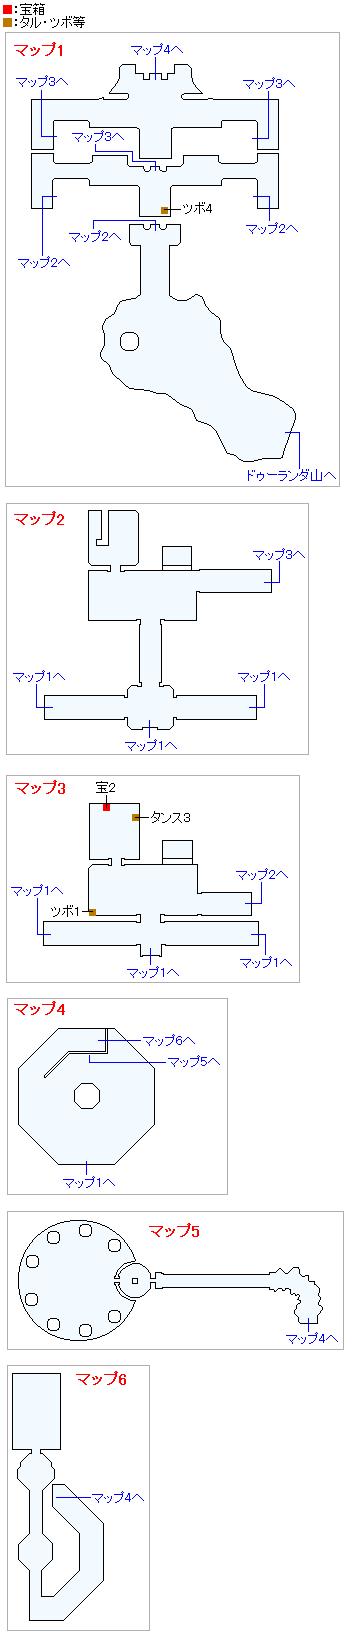 ドゥルダ郷(3DS・3Dモード)のマップ画像